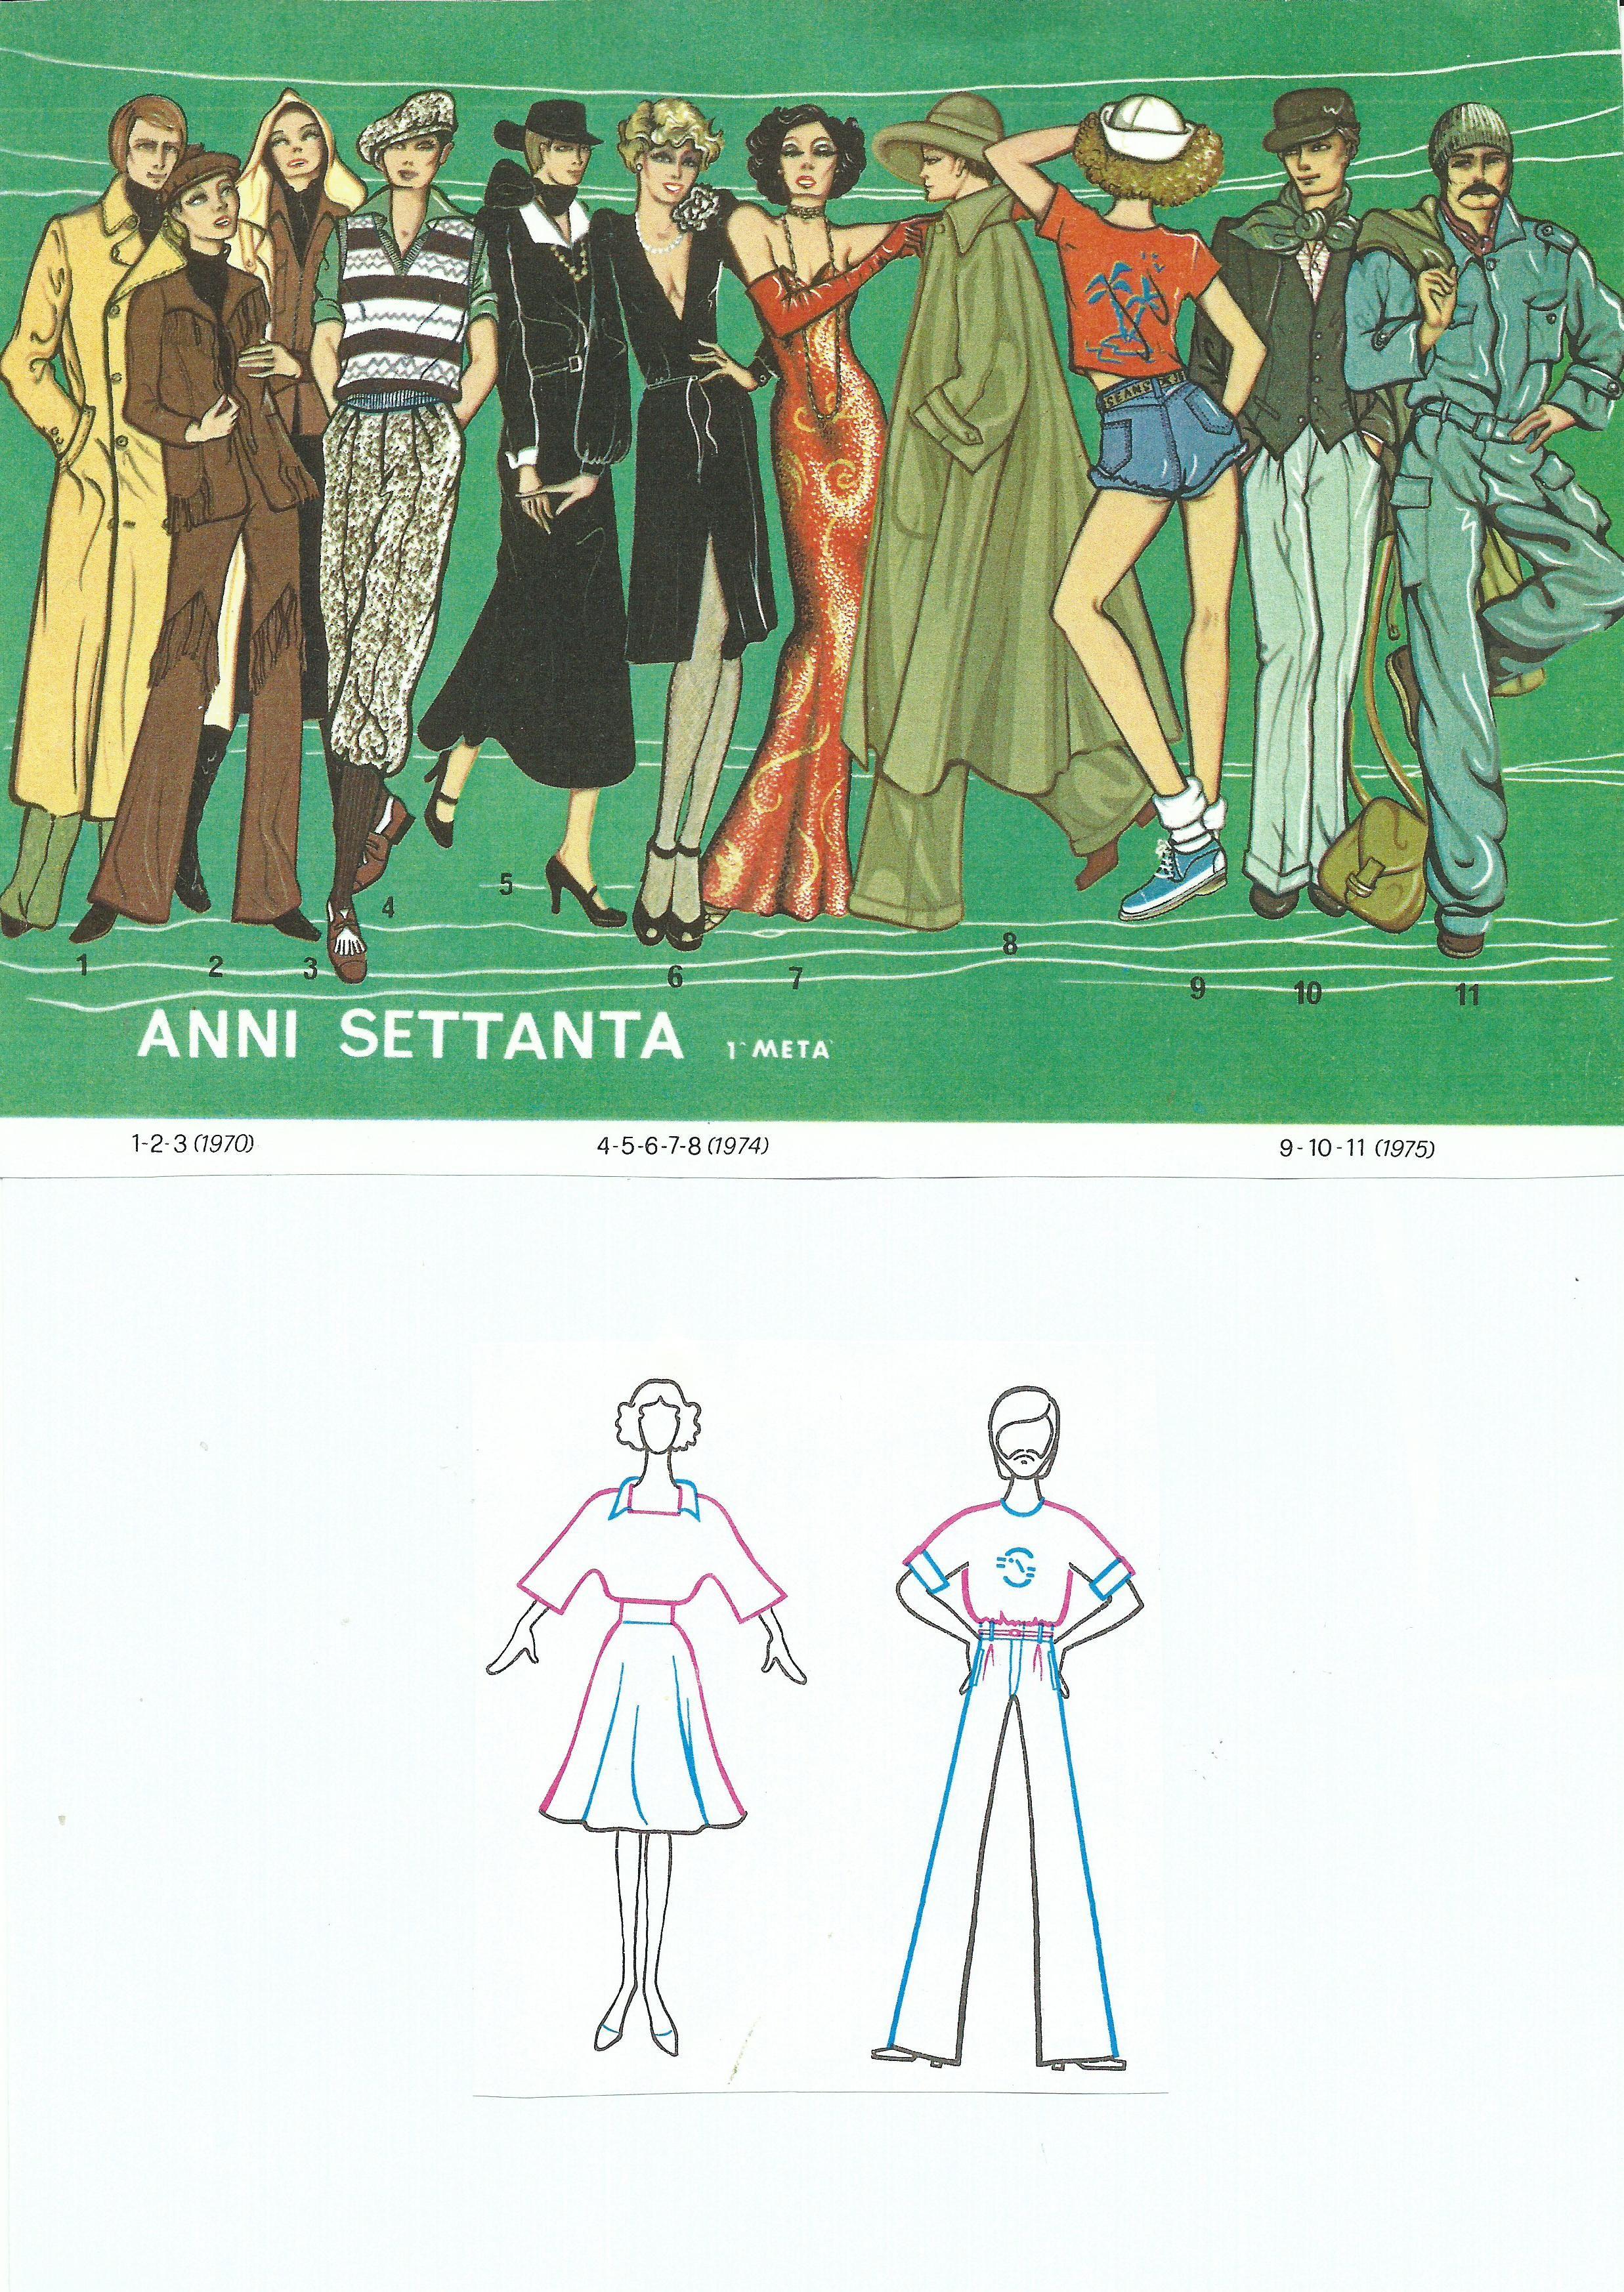 Linea abbigliamento anni 70.